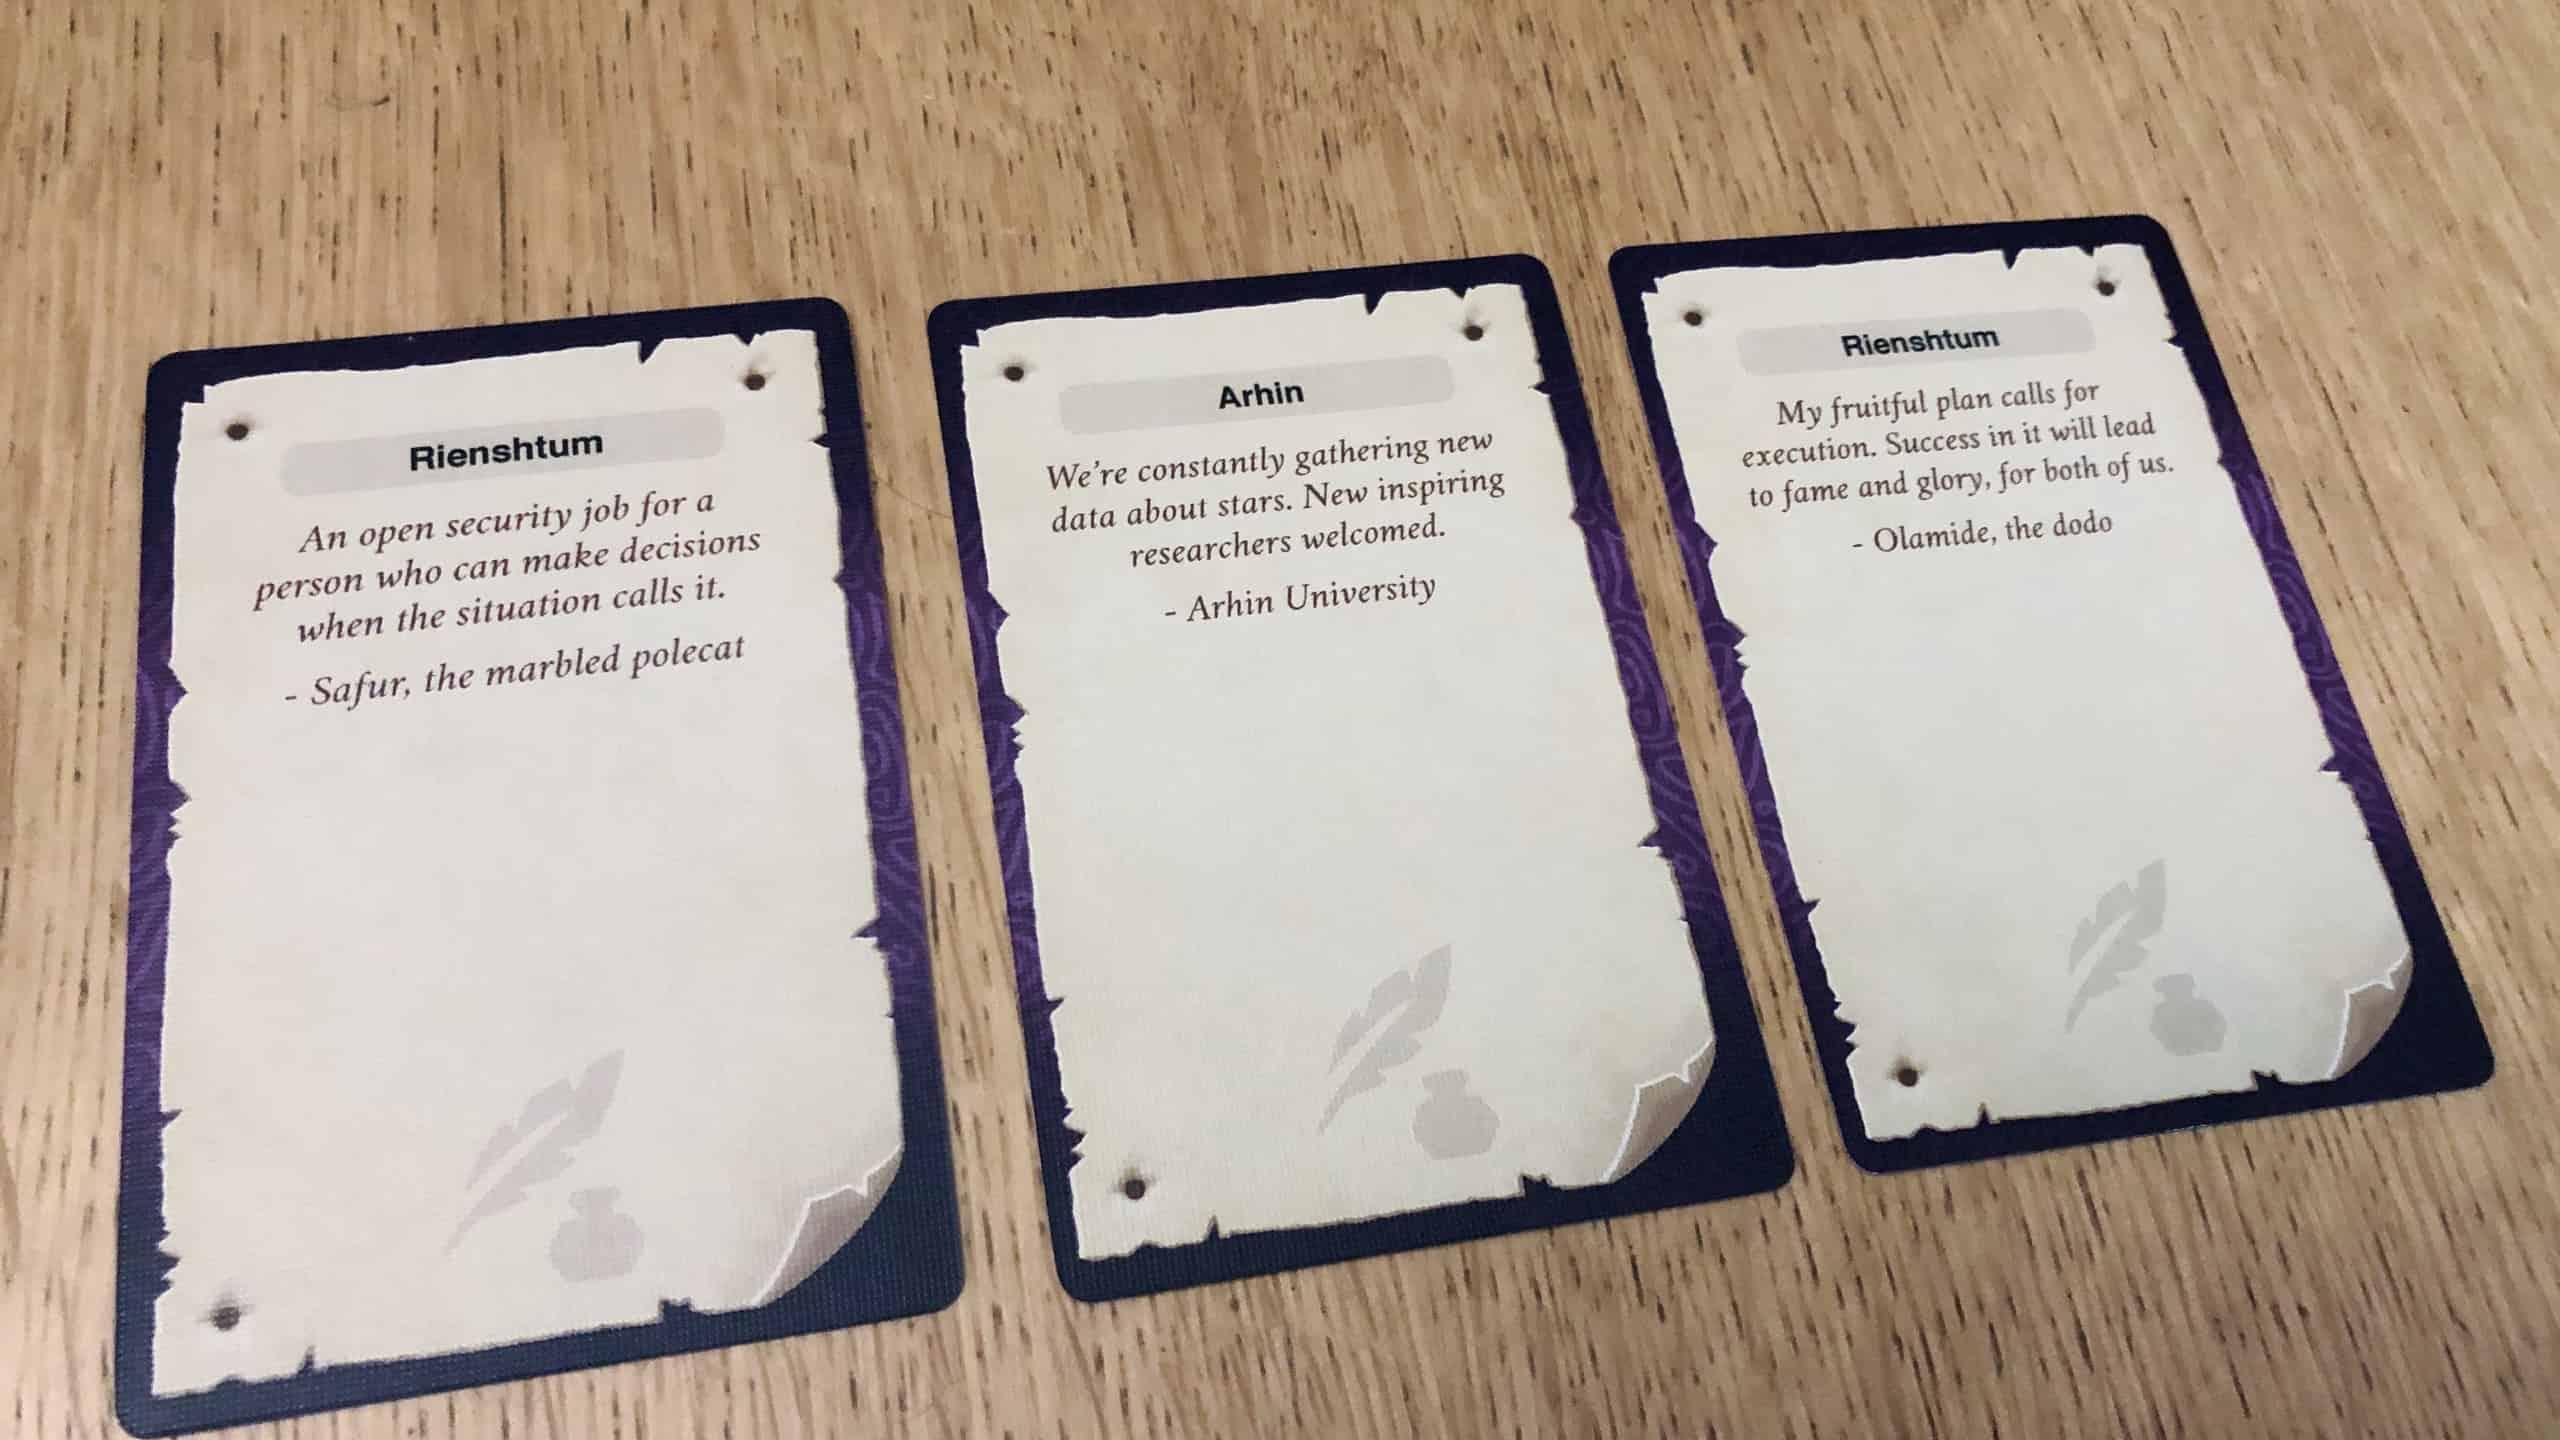 Kolme tehtäväkorttia